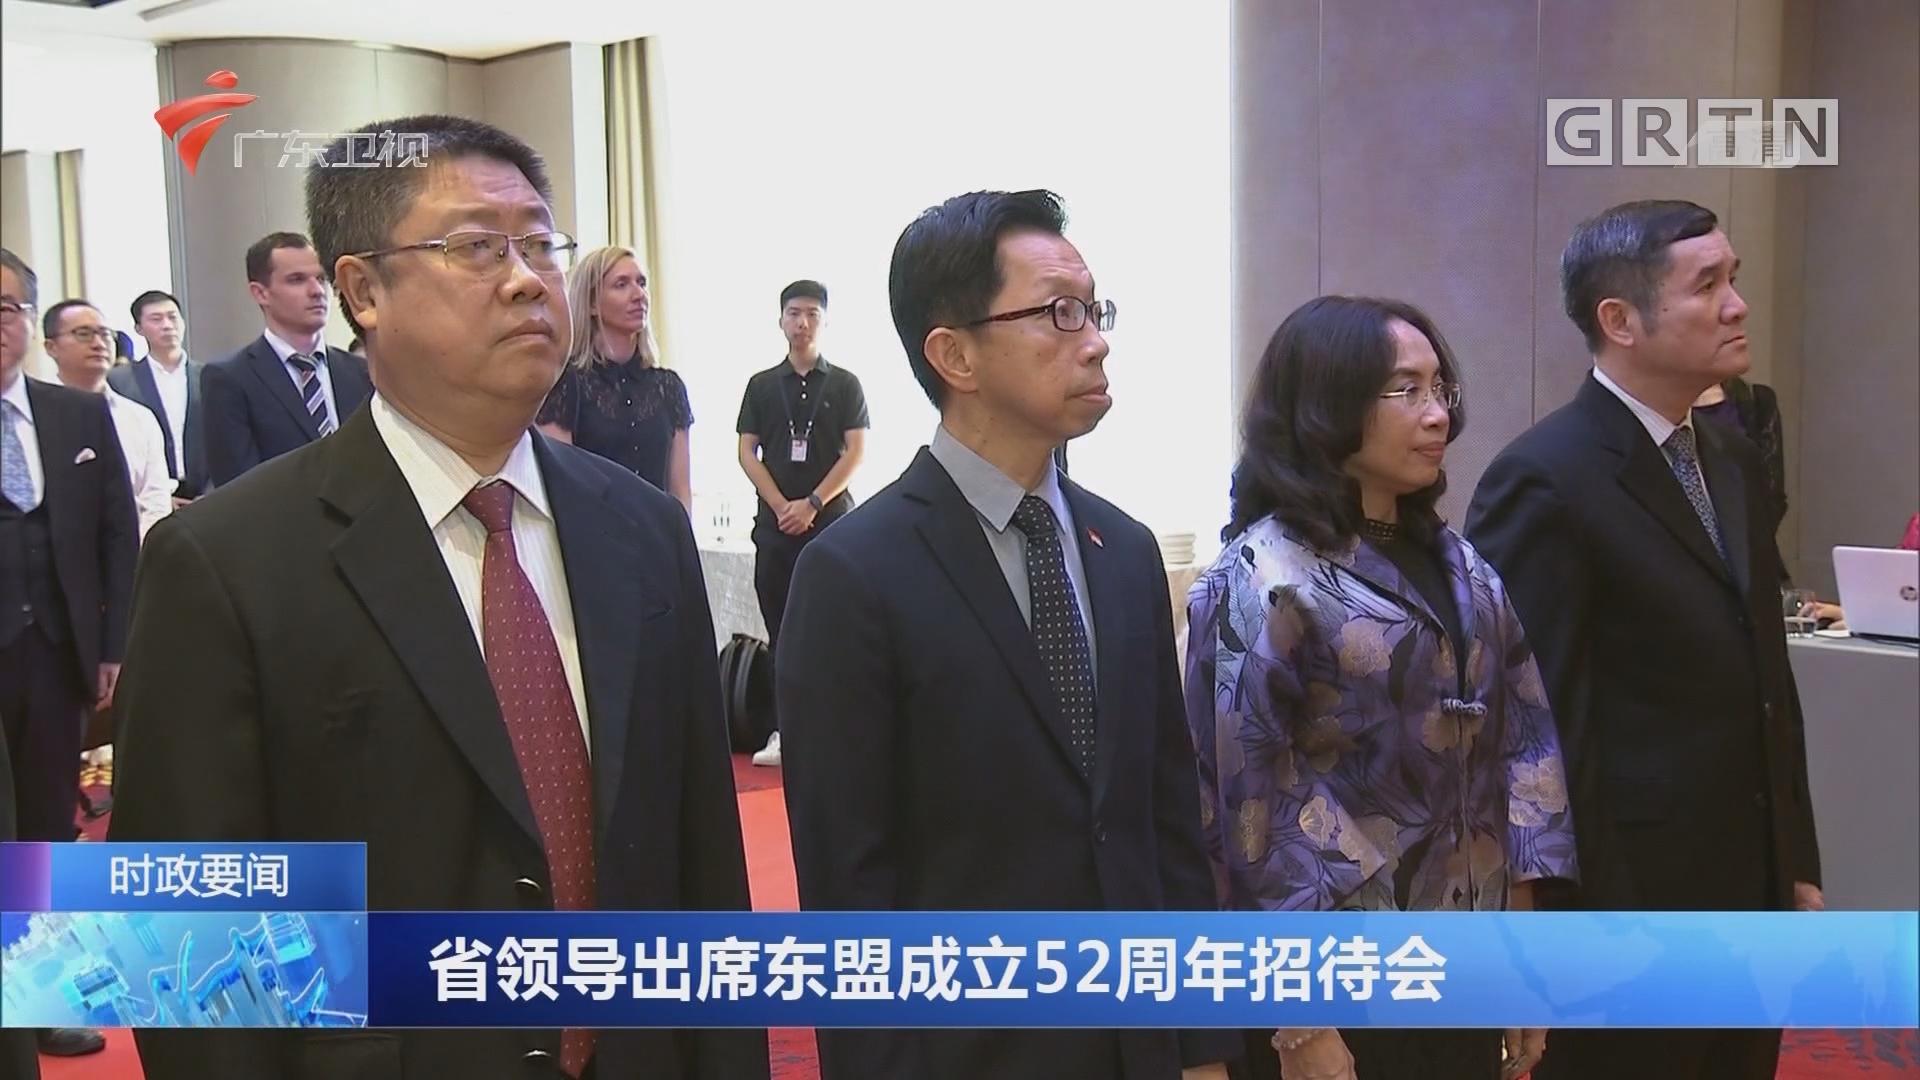 省领导出席东盟成立52周年招待会